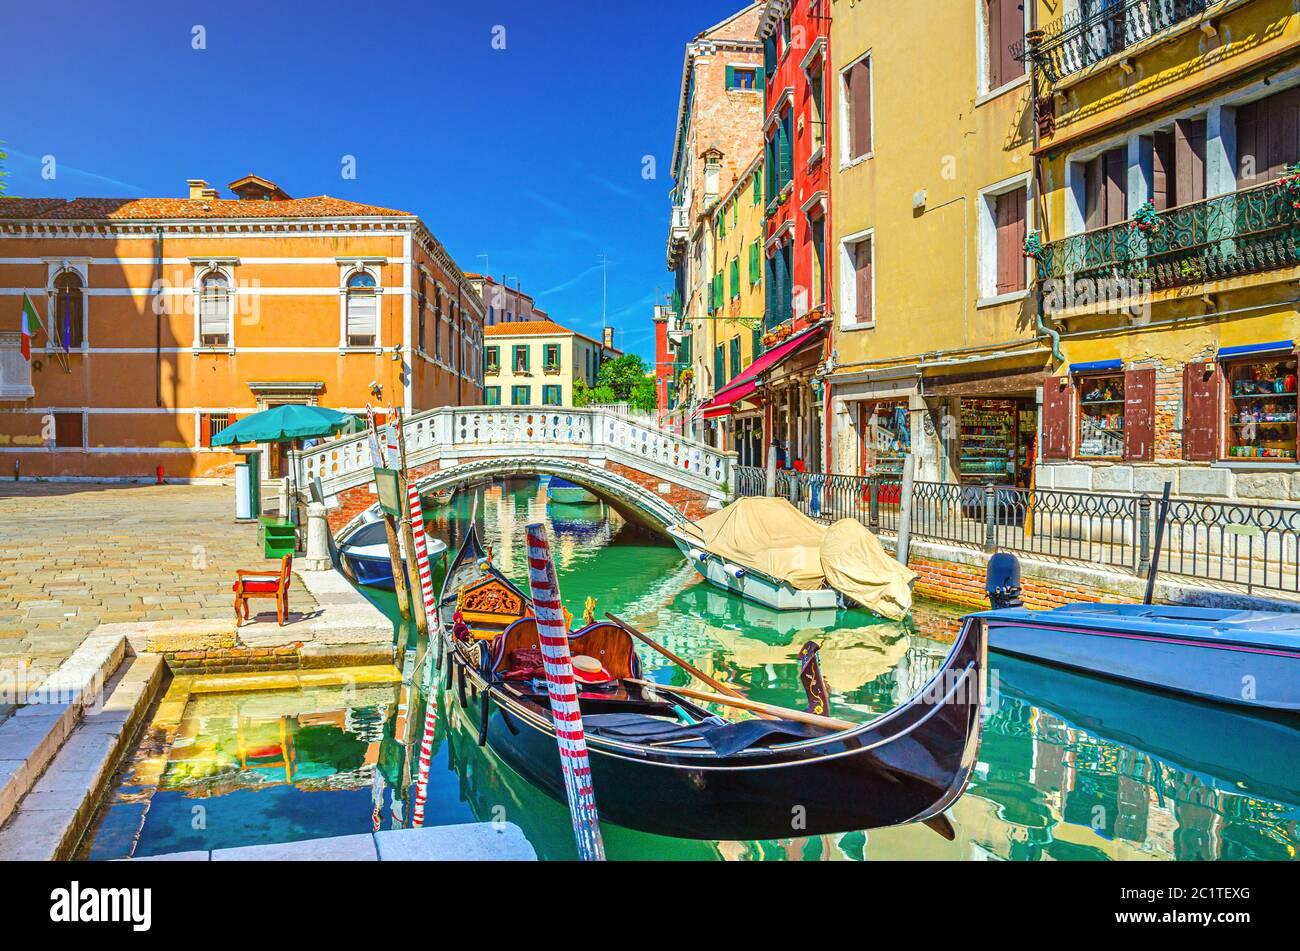 Paisaje urbano de Venecia con góndola y lanchas a motor amarradas en el estrecho canal de agua Río dei Frari, edificios coloridos y puente de piedra, región del Véneto, norte de Italia, fondo azul cielo en el día de verano Foto de stock